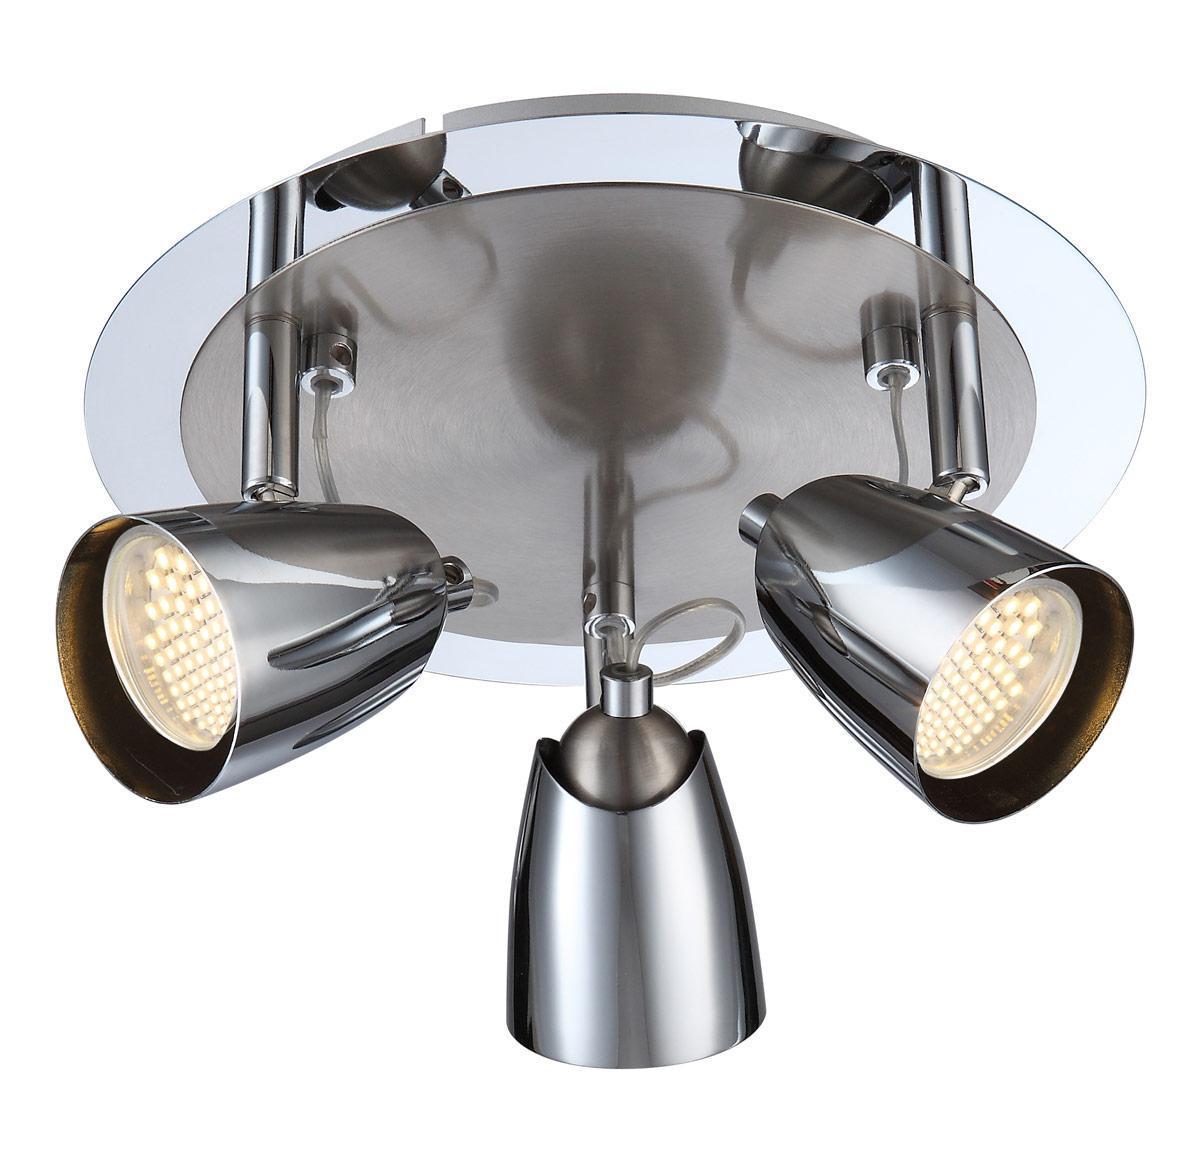 57604-3 TAMAS Спот57604-3Споты TAMAS 57604-3 в стиле модерн выглядят дорого и солидно, гармонично впишутся в интерьер спальни. Металлическое основание серого цвета, материал плафона из металла. Точечный светильник с максимальной мощностью 150W осветит комнату, площадью 11 кв.м.